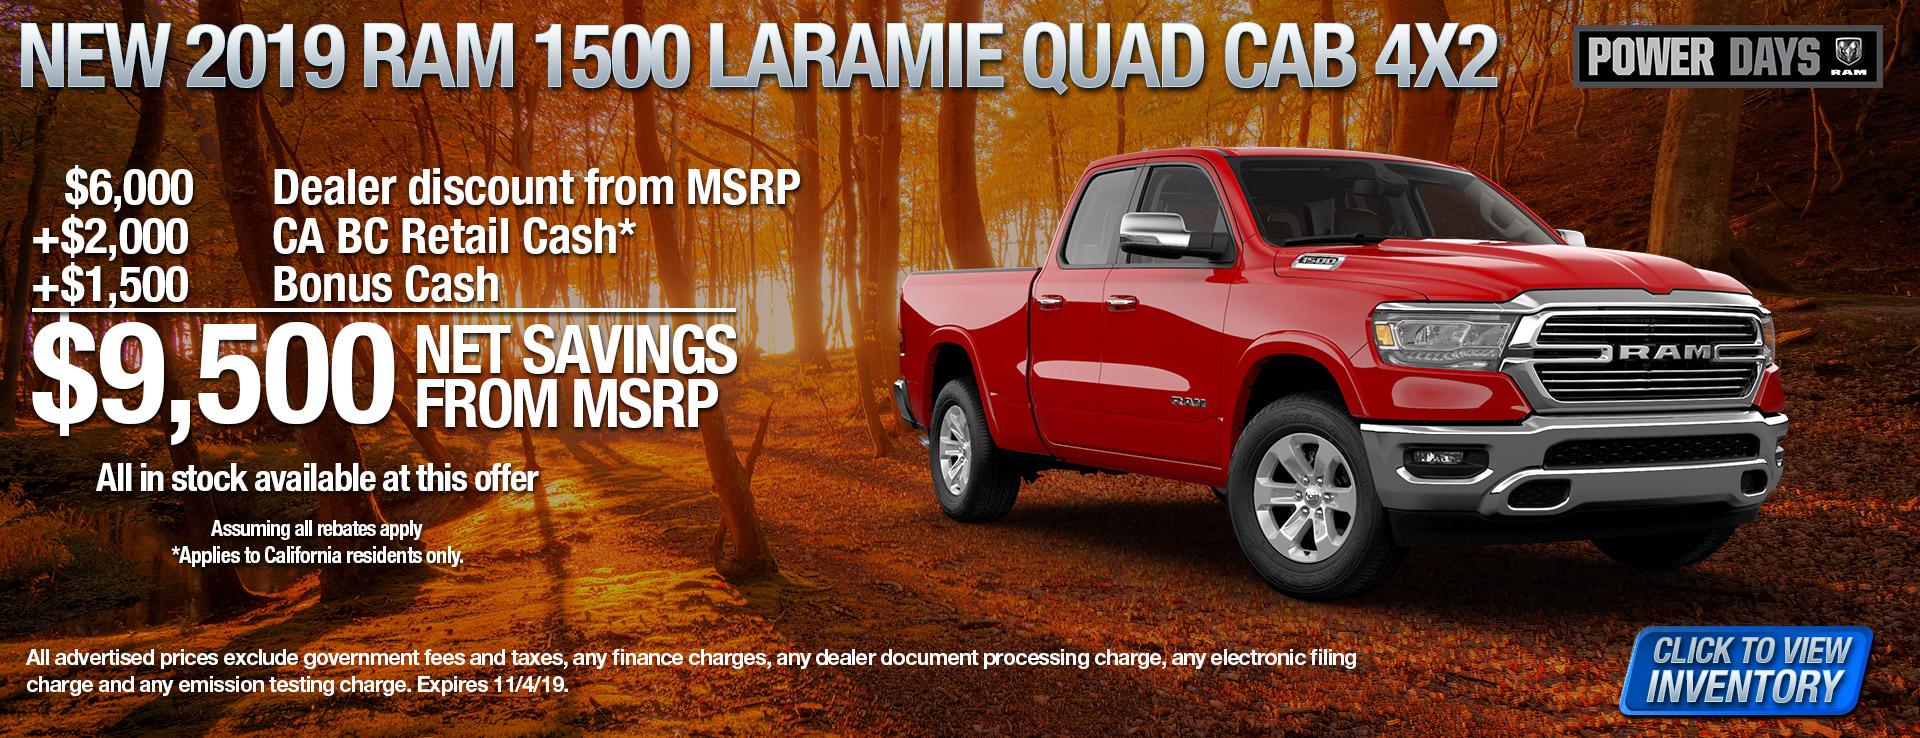 19 1500 Laramie Quad